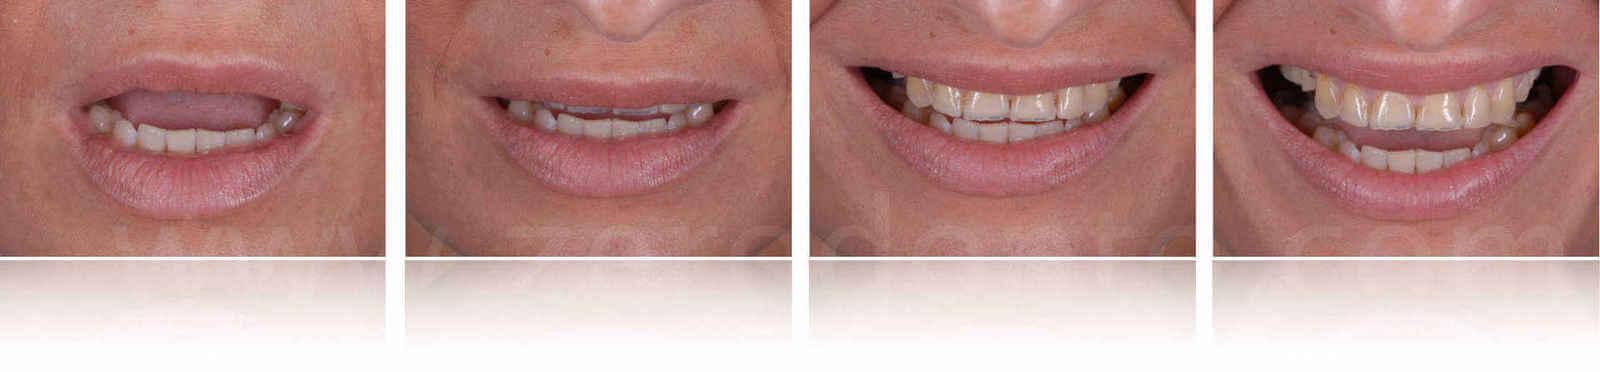 progressione del sorriso esposizione dei denti